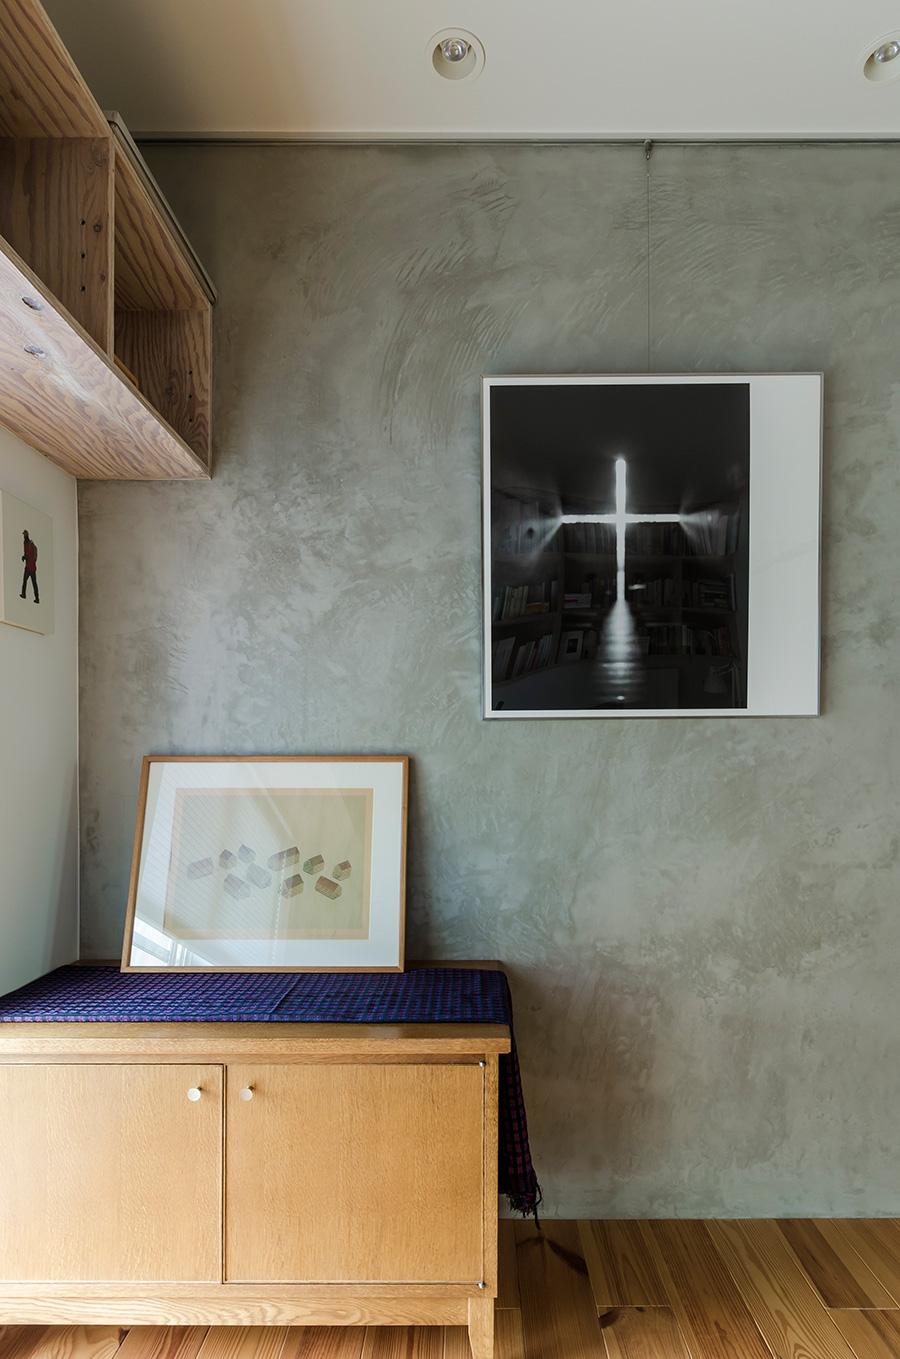 写真家・杉本博司氏のポスターを額装して壁に。STANDARD TRADEのテレビ台の上は、造形作家・古賀充氏の作品。